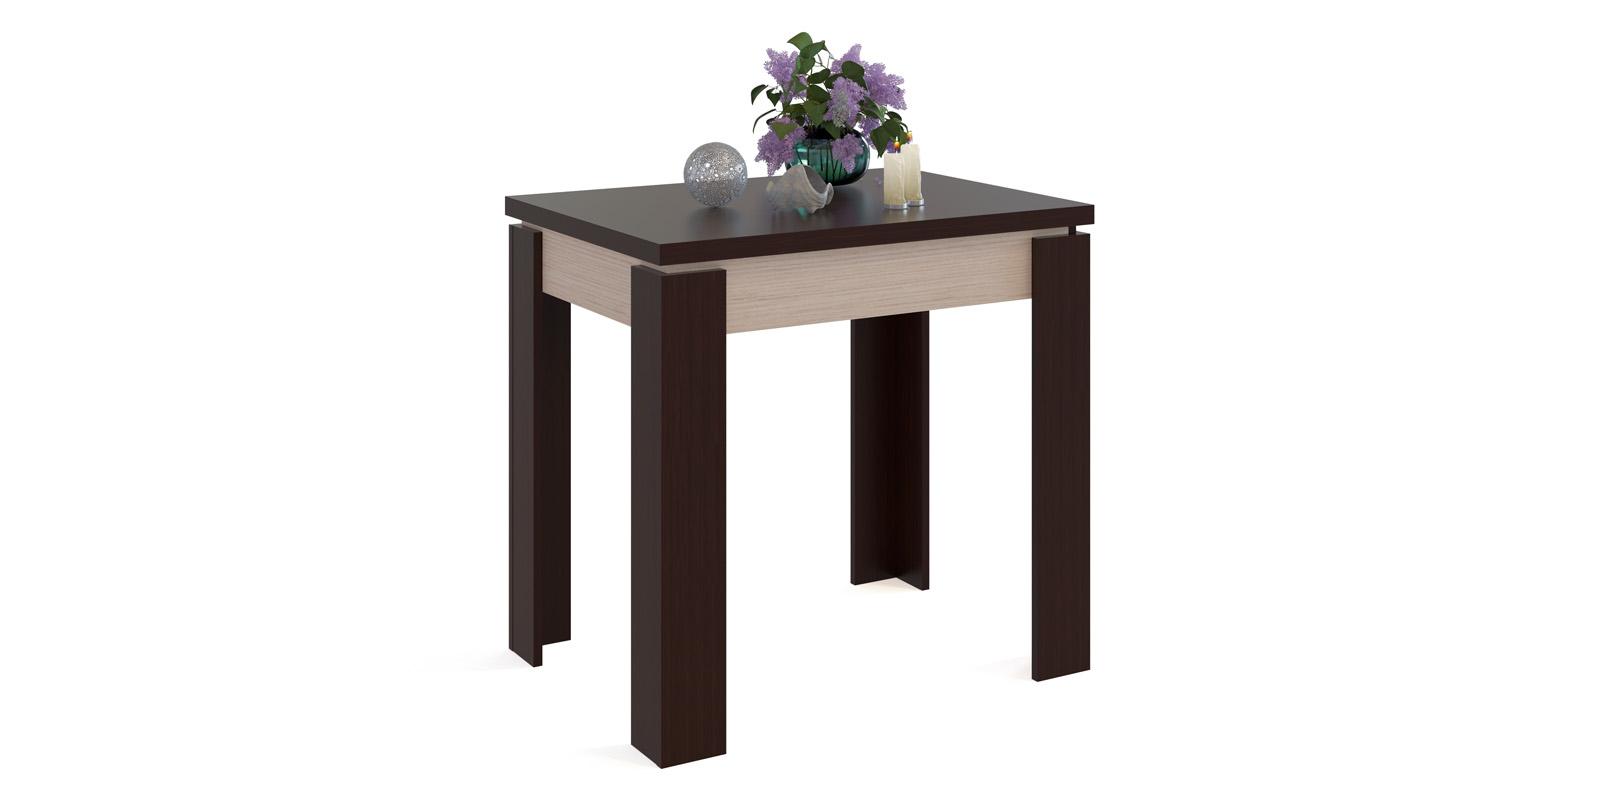 Обеденный стол Лутон вариант №1 (венге/беленый дуб)